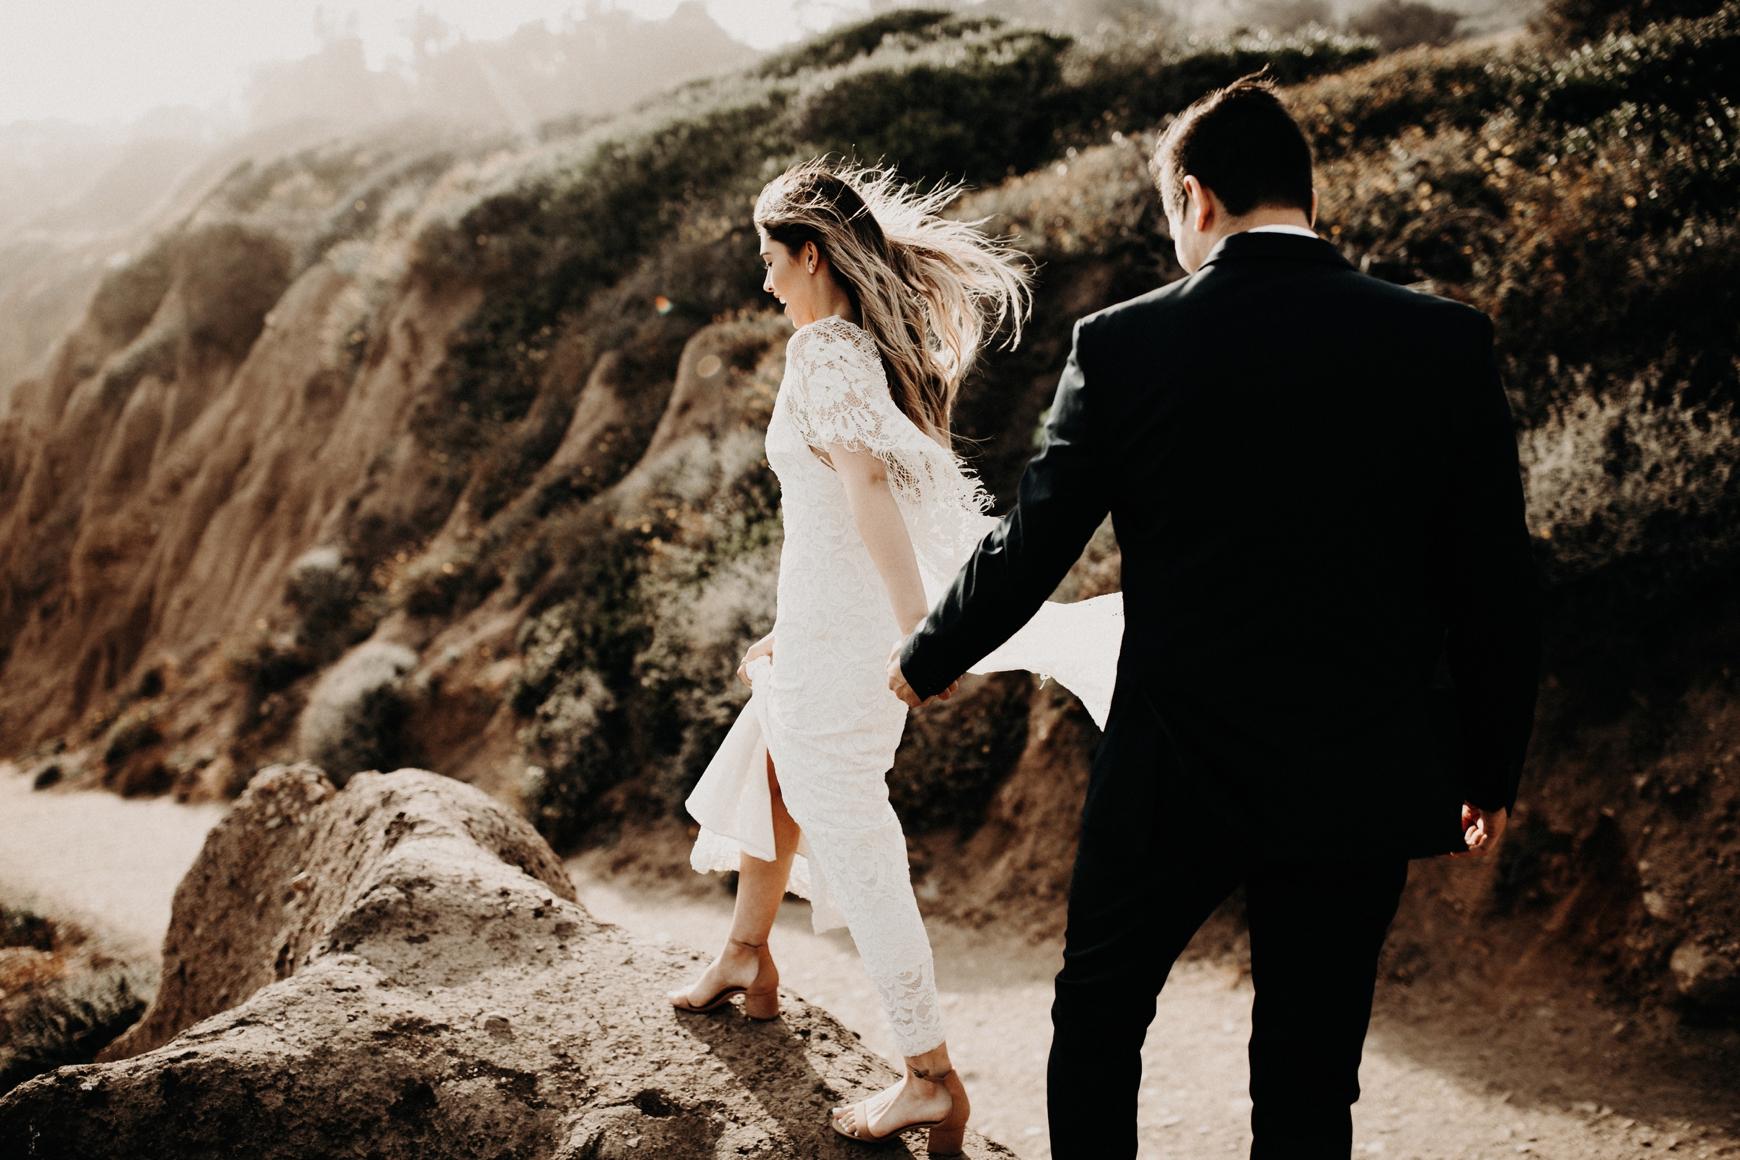 El Matador Beach Bridal Portraits Justellen & TJ Emily Magers Photography-39Emily Magers Photography.jpg